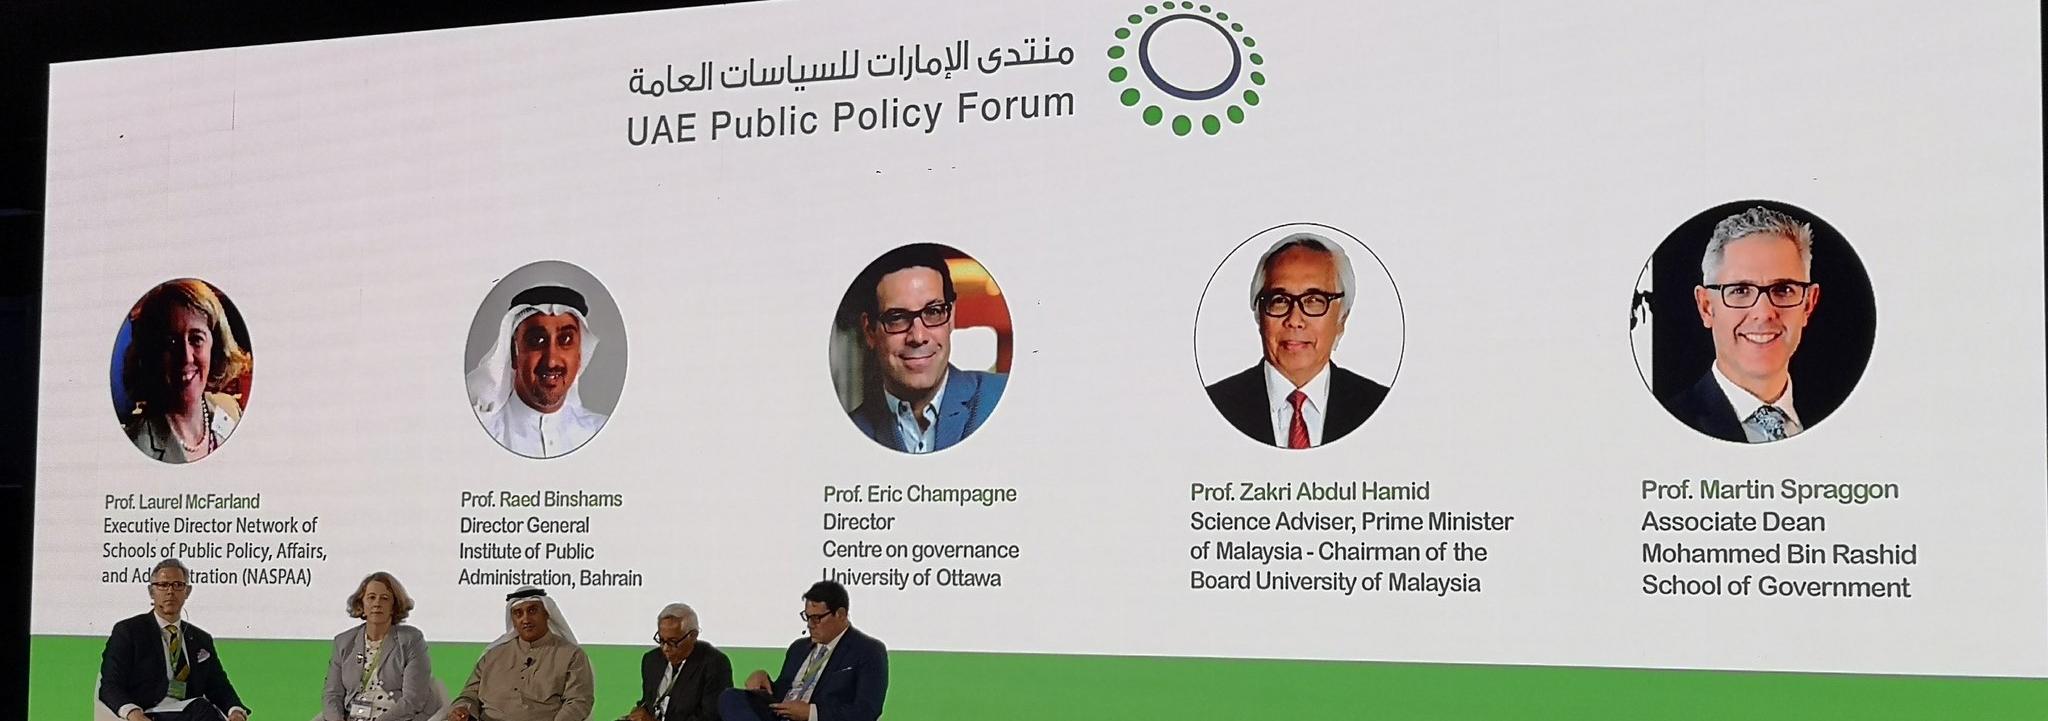 Panelistes pour le UAE Public Policy Forum